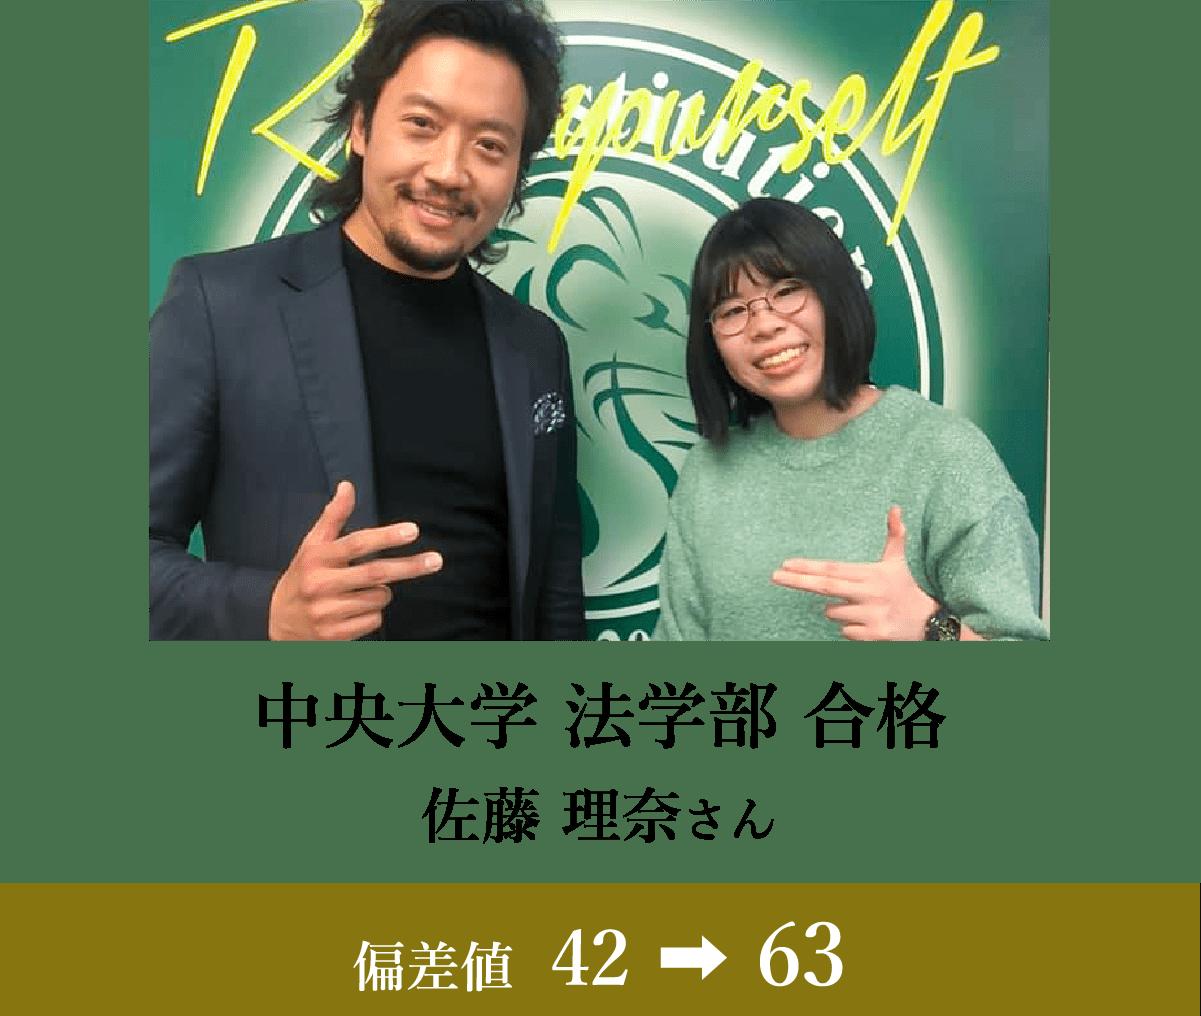 中央大学 法学部 合格 佐藤 理奈さん 偏差値39→70